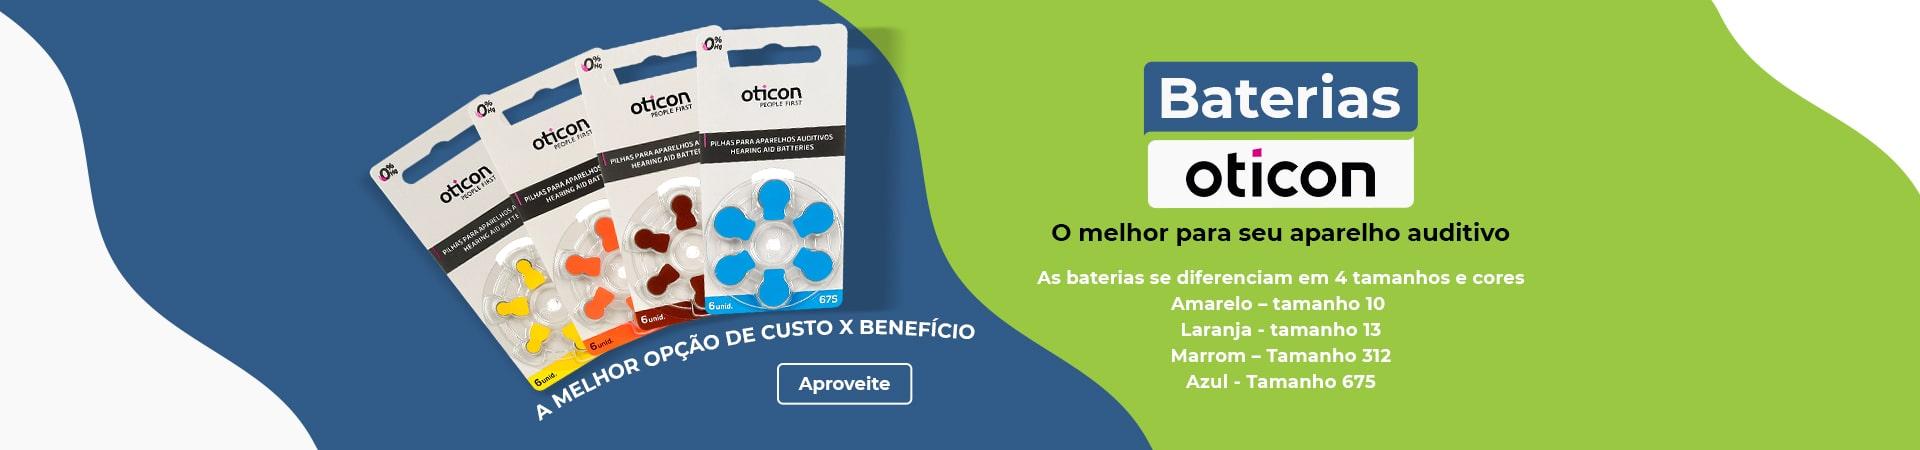 FULL BANNER - Baterias Oticon